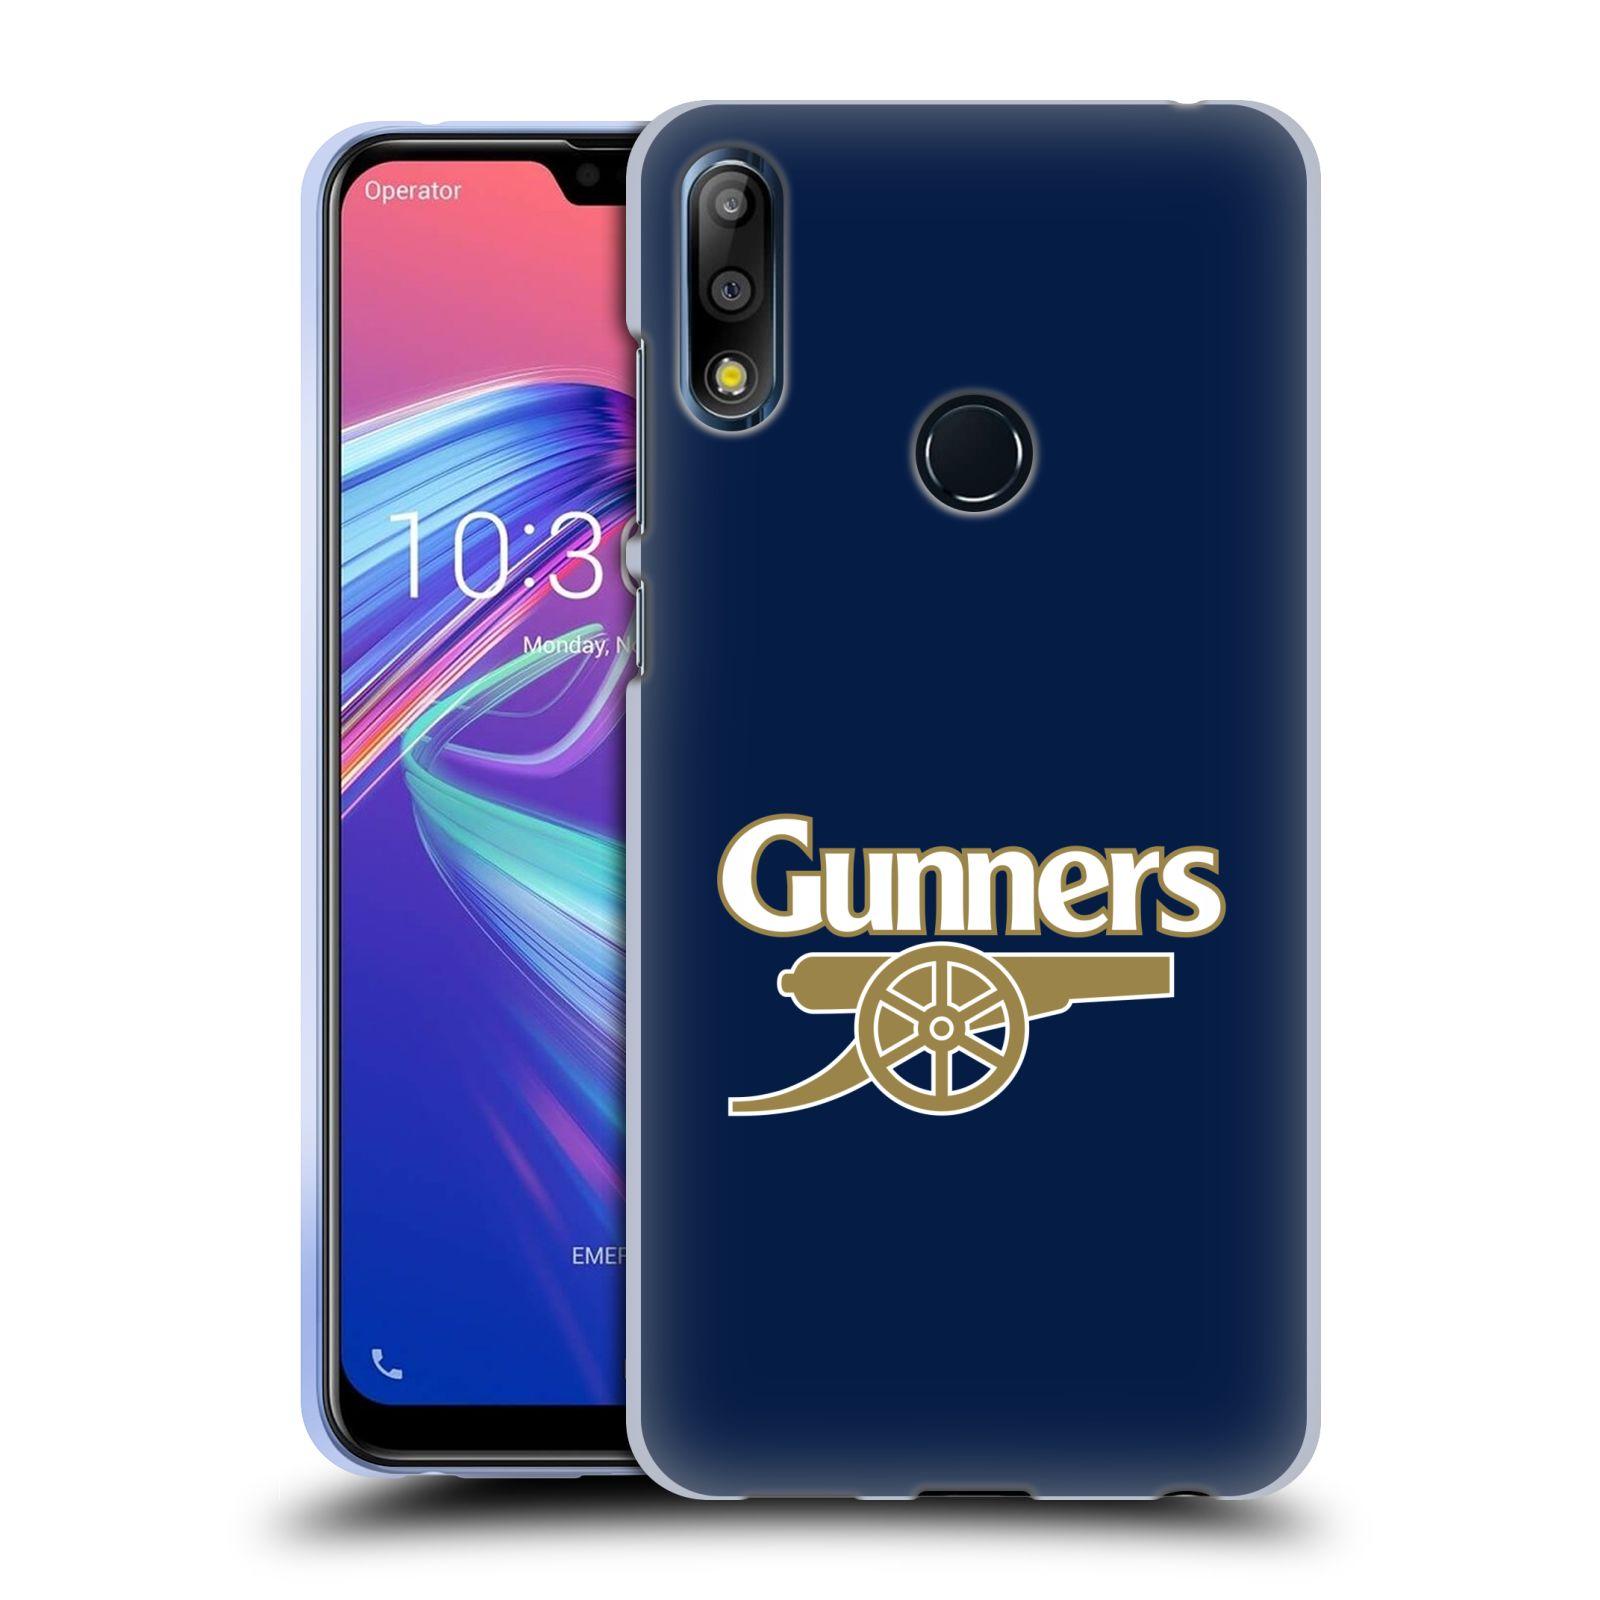 Silikonové pouzdro na mobil Asus Zenfone Max Pro M2 ZB631KL - Head Case - Arsenal FC - Gunners